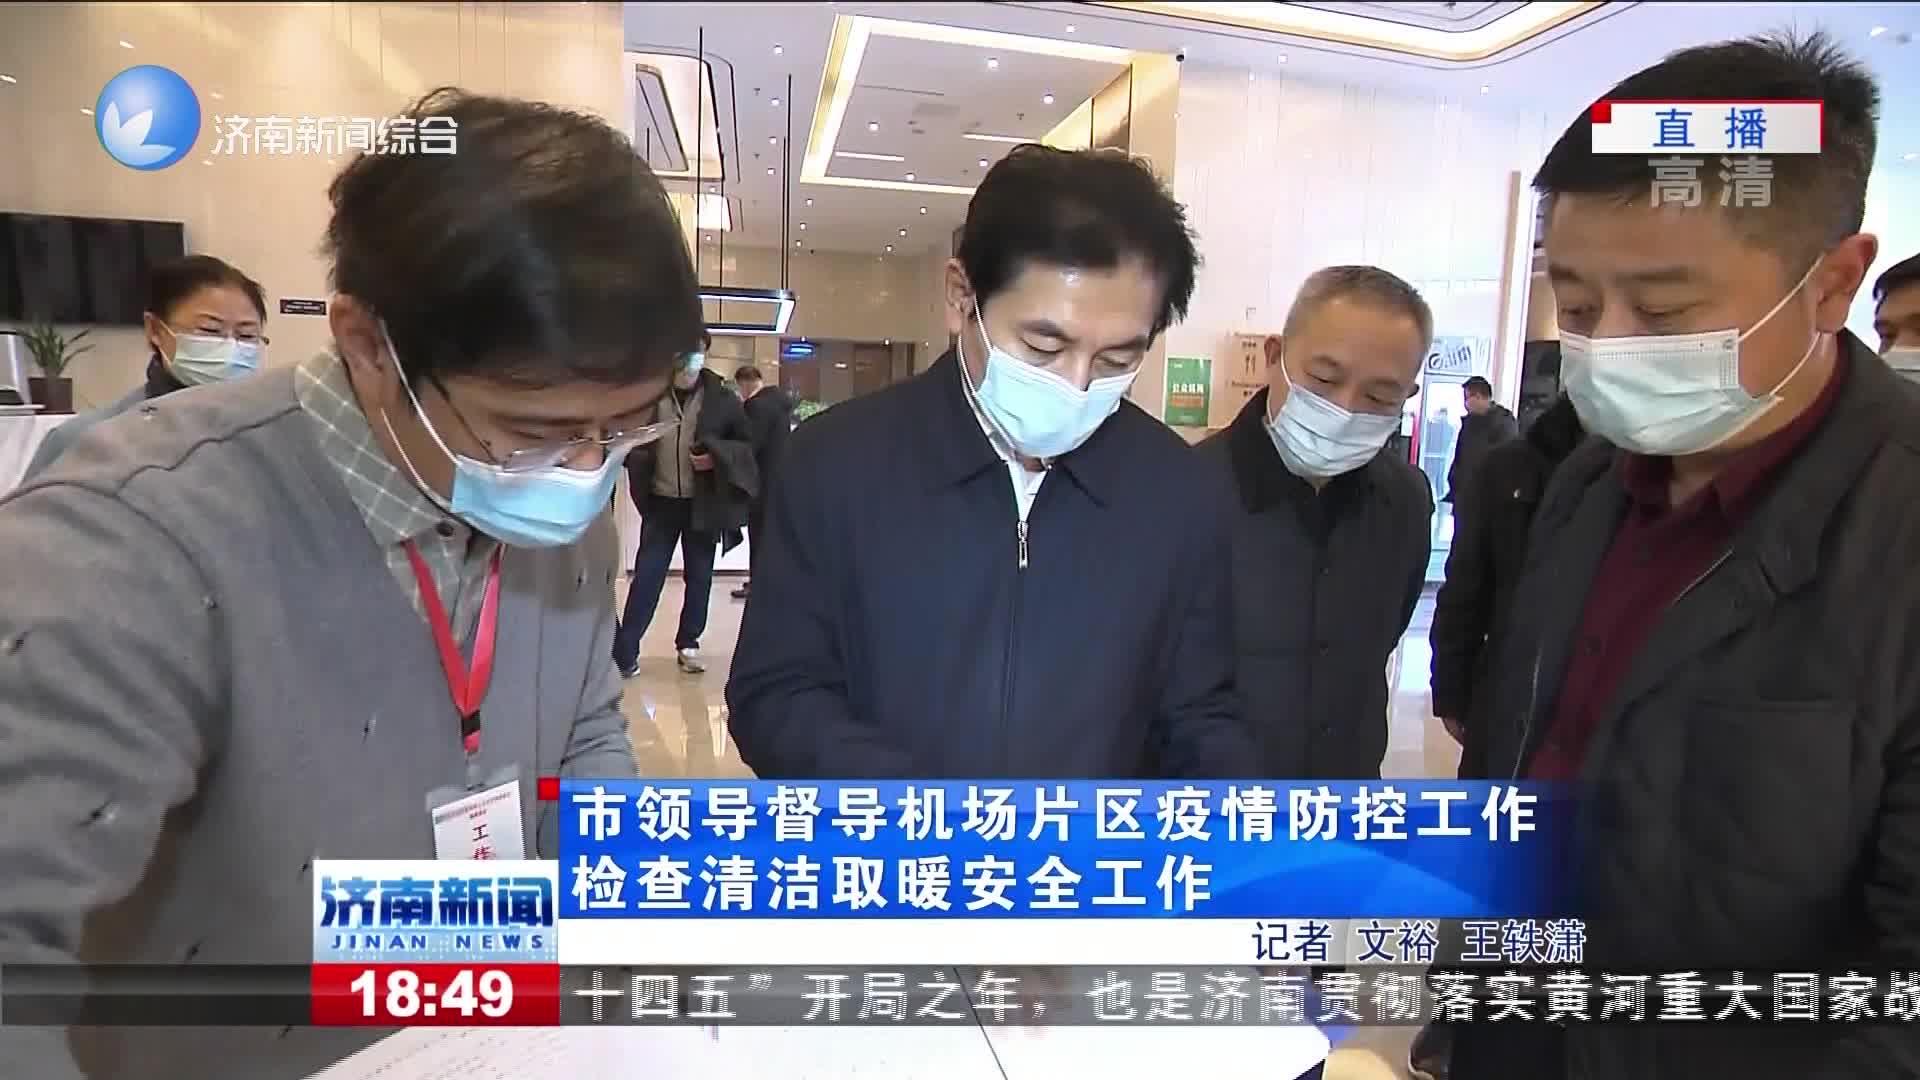 市领导督导机场片区疫情防控工作检查清洁取暖安全工作